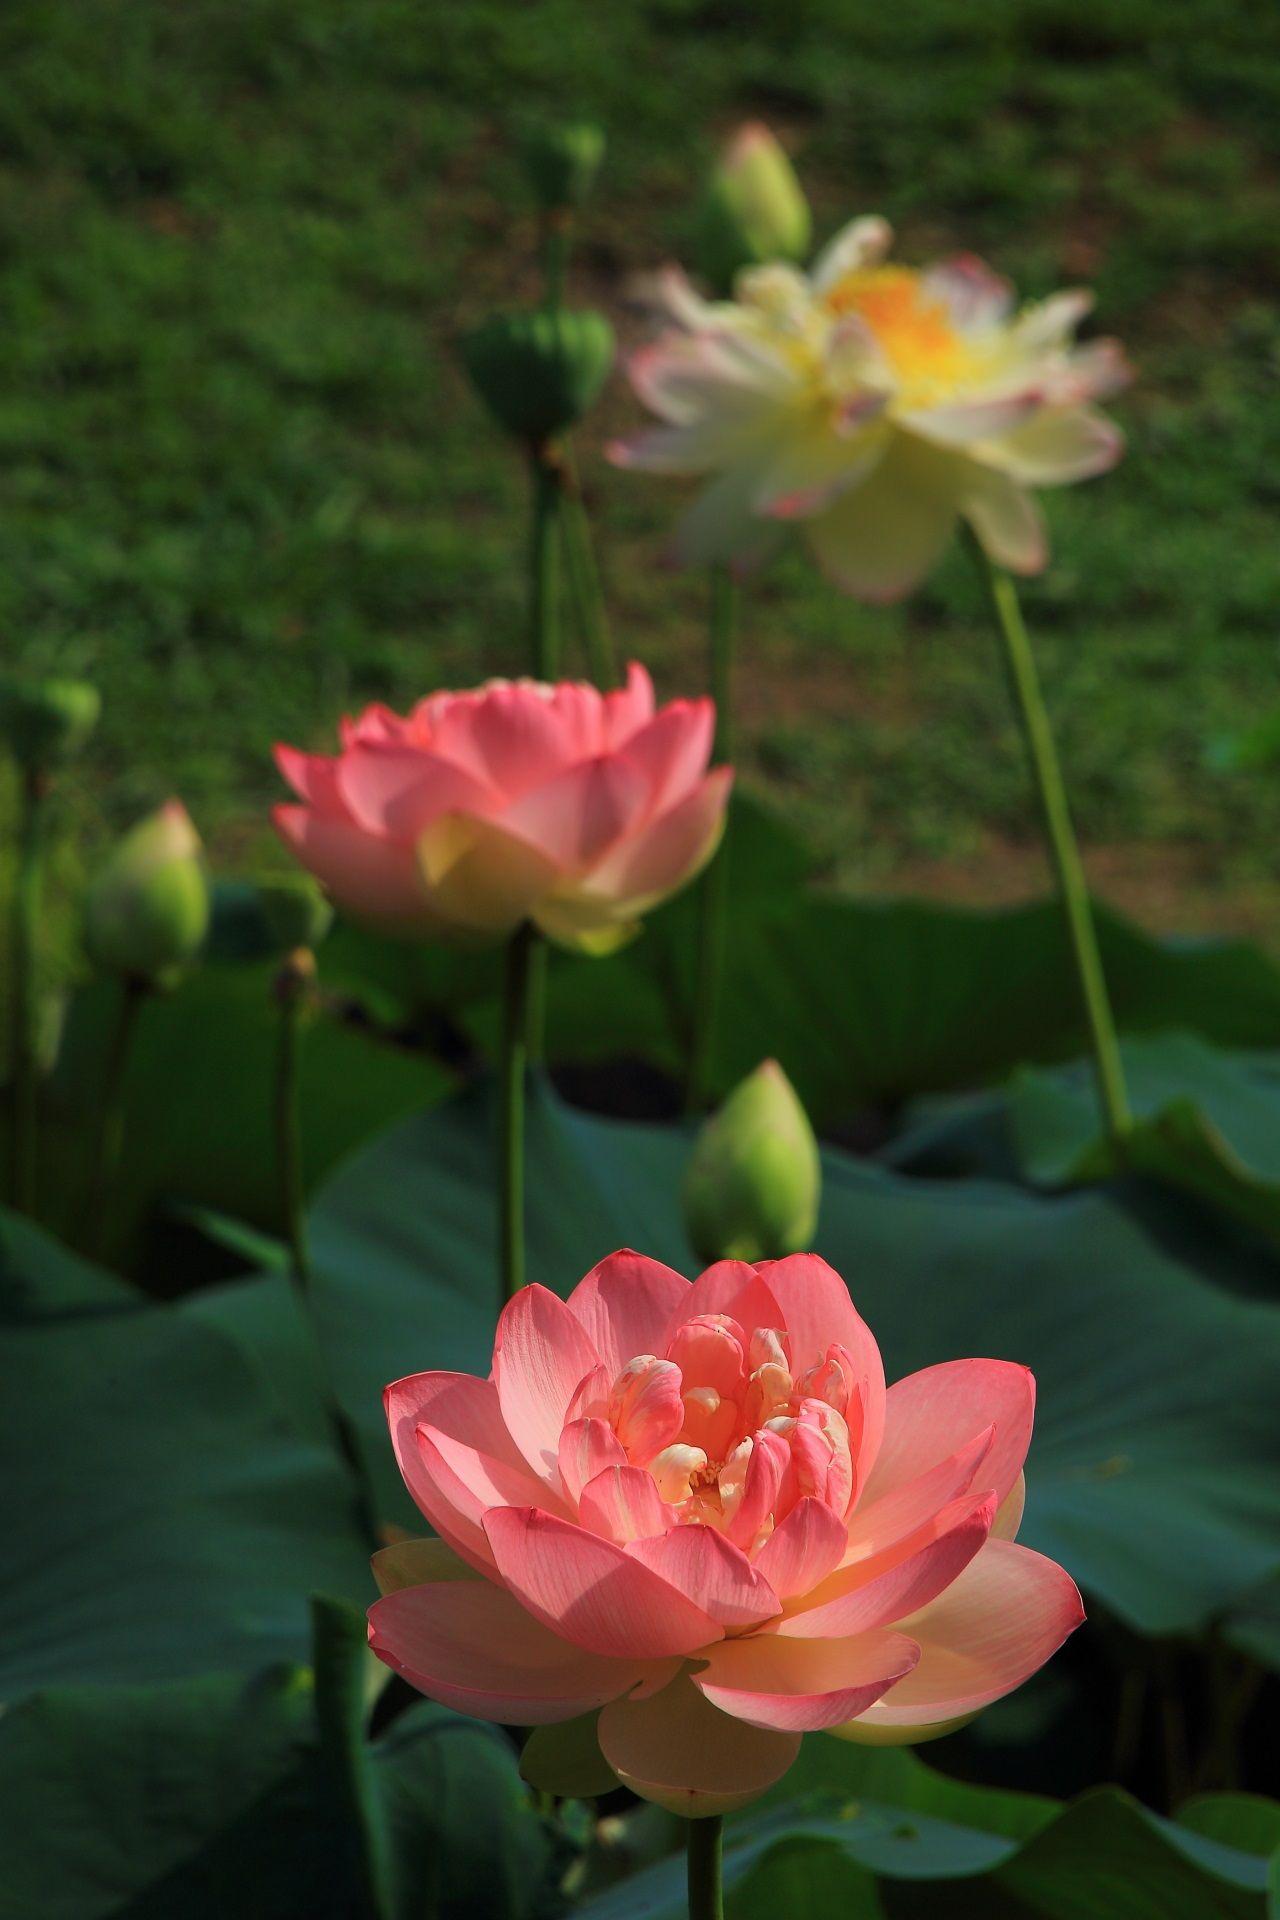 お見事なピンクのハスの花 ハスの花 蓮の花 美しい花